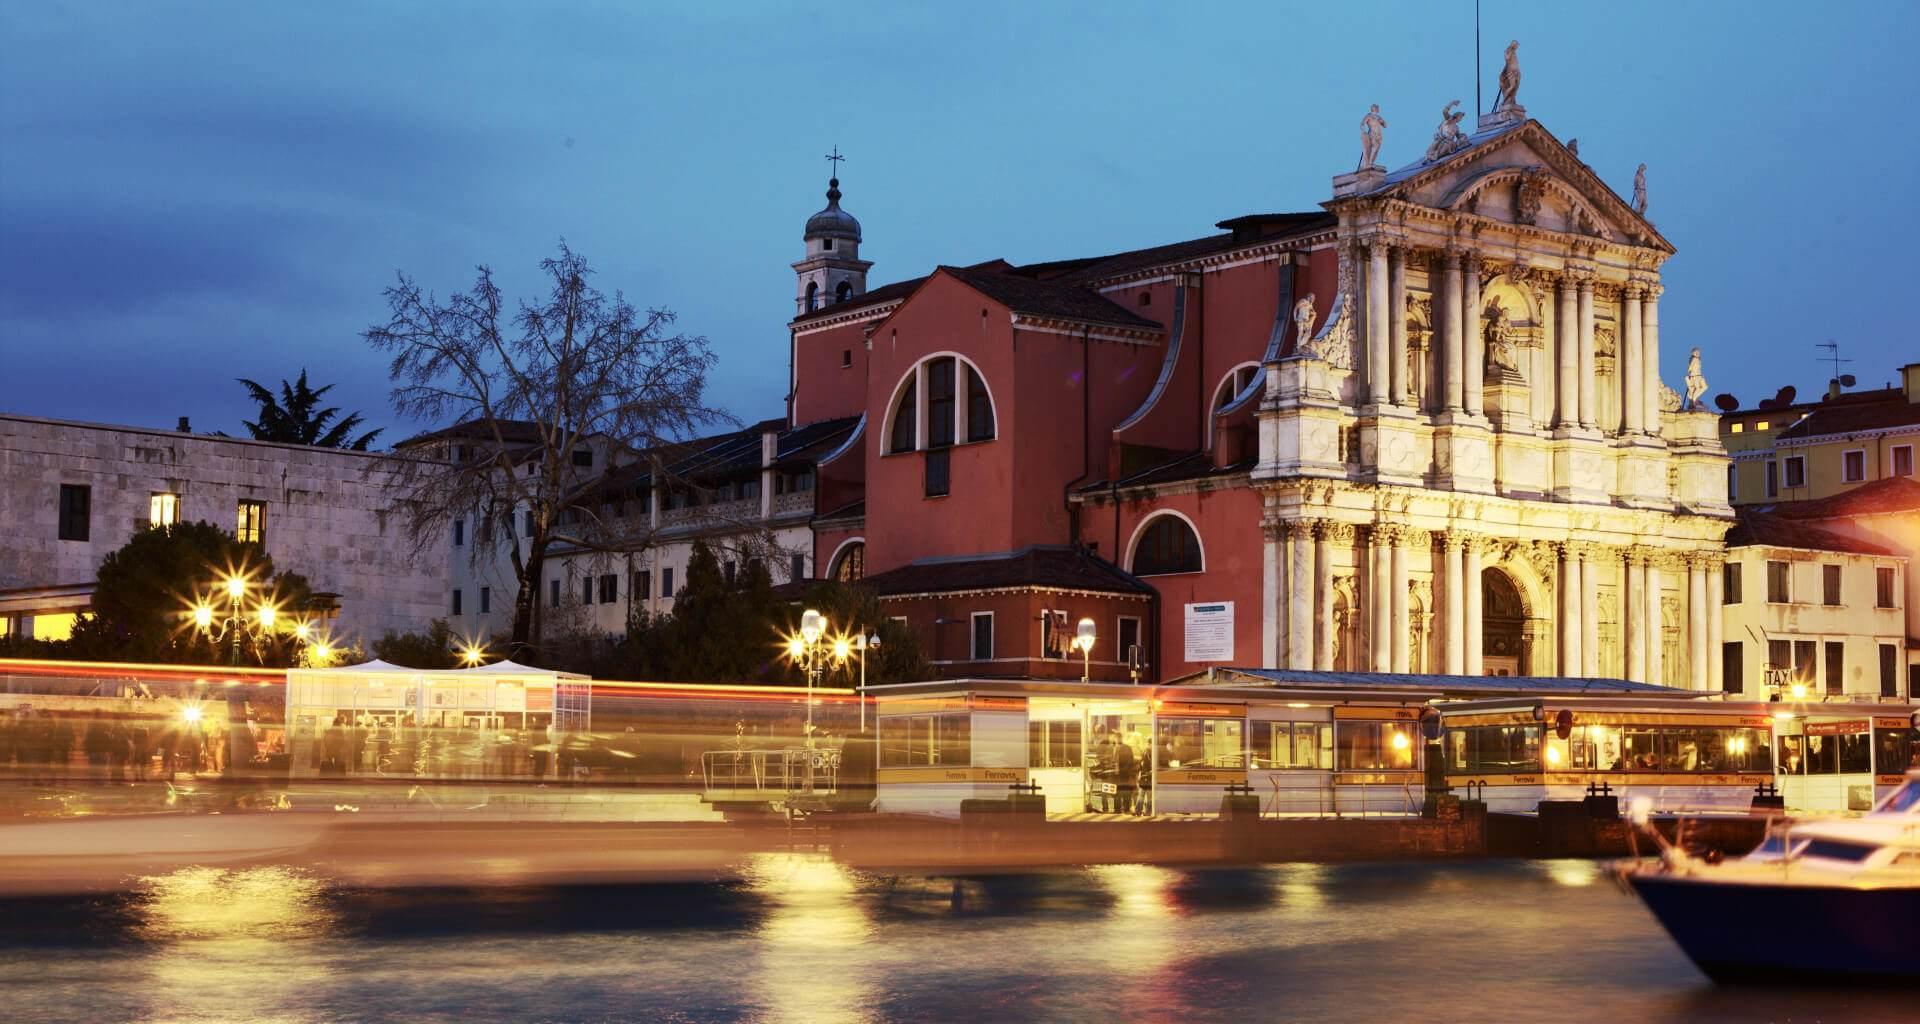 Chiesa stazione